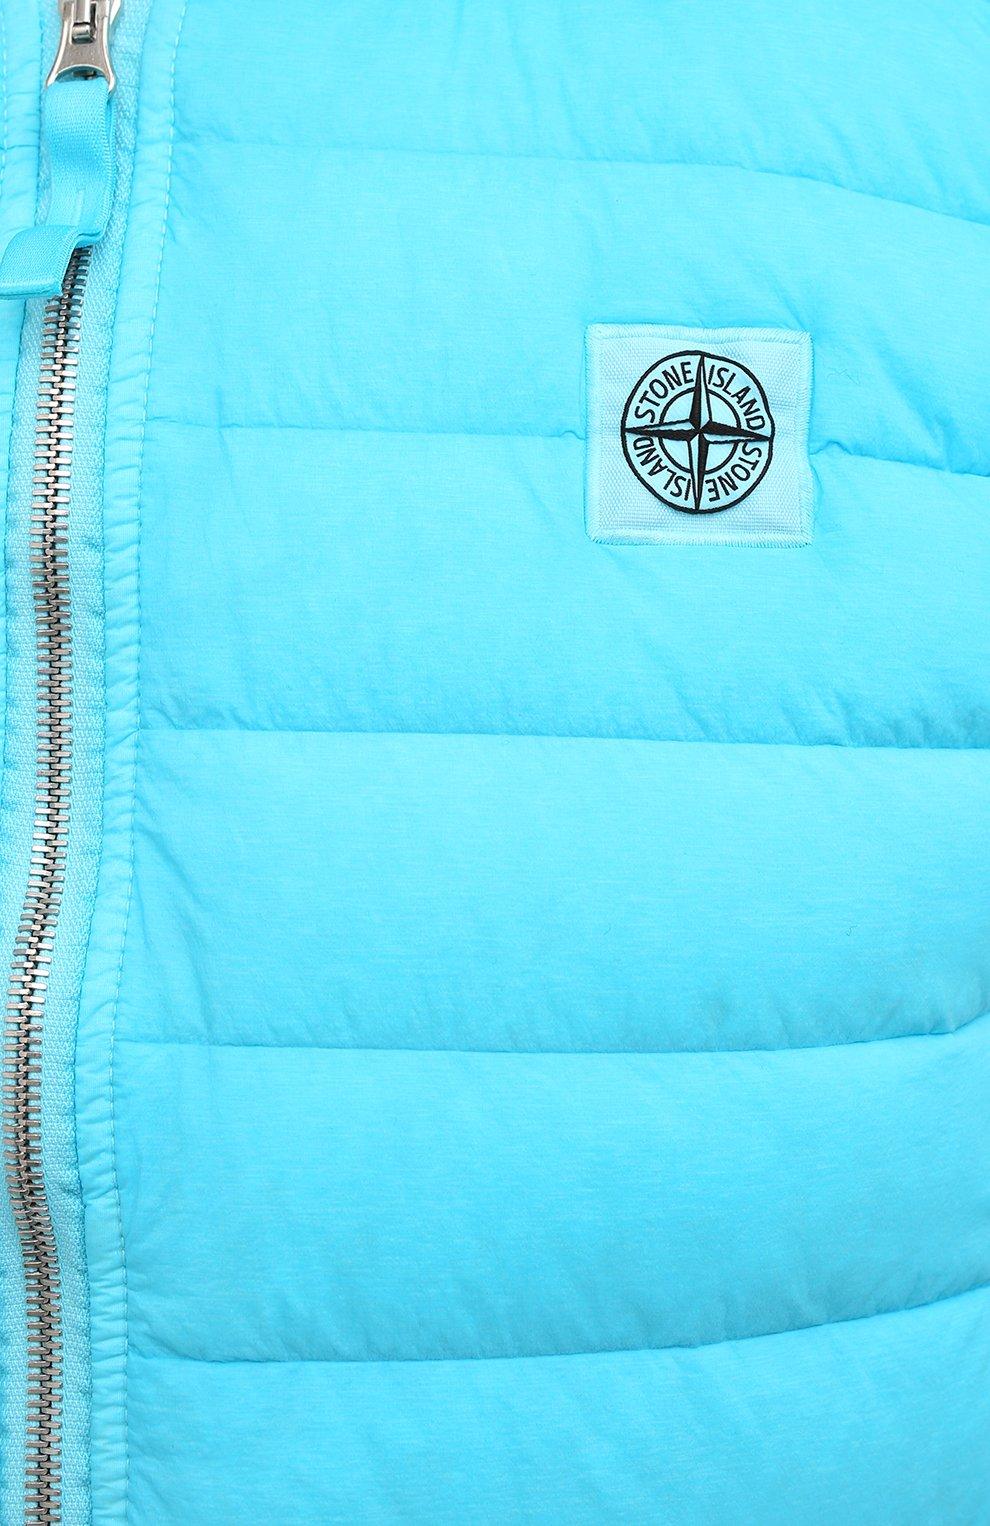 Мужской пуховый жилет STONE ISLAND бирюзового цвета, арт. 7415G0225   Фото 5 (Кросс-КТ: Куртка, Пуховик; Материал внешний: Синтетический материал; Стили: Гранж; Материал подклада: Синтетический материал; Длина (верхняя одежда): Короткие; Материал утеплителя: Пух и перо)